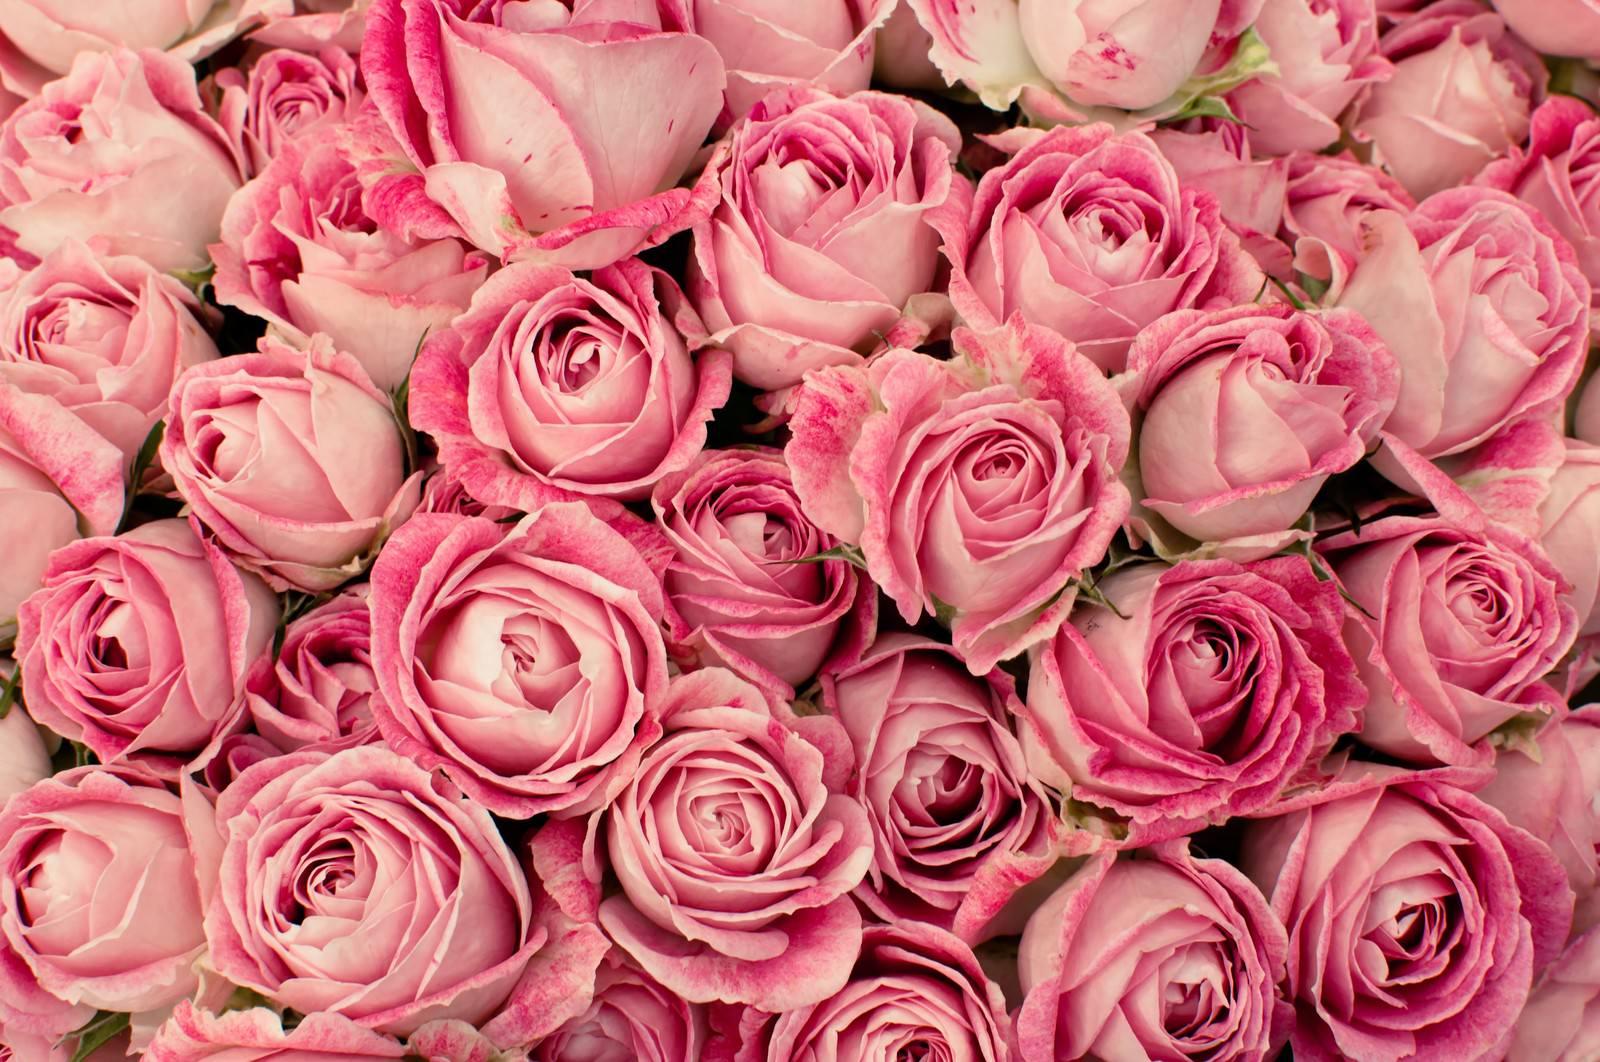 「ニュアンスカラーの薔薇(テクスチャー)」の写真